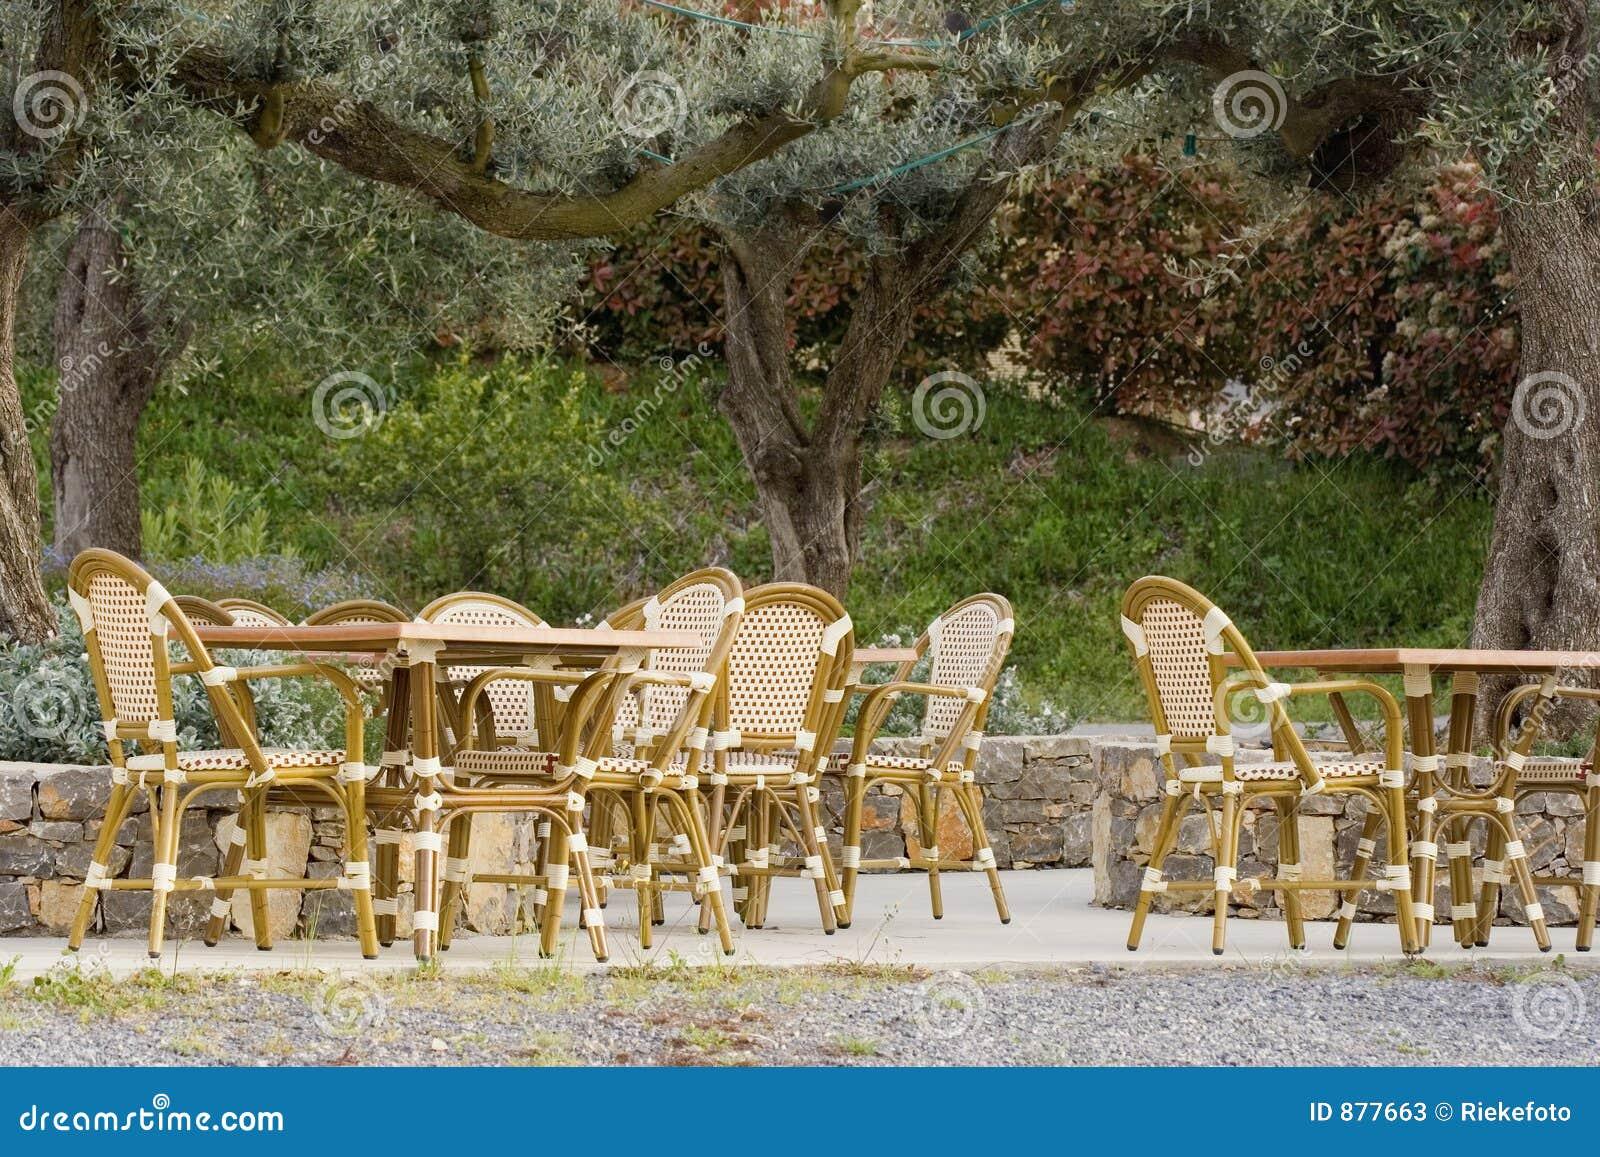 Cafe stary olive chodnik drzewo